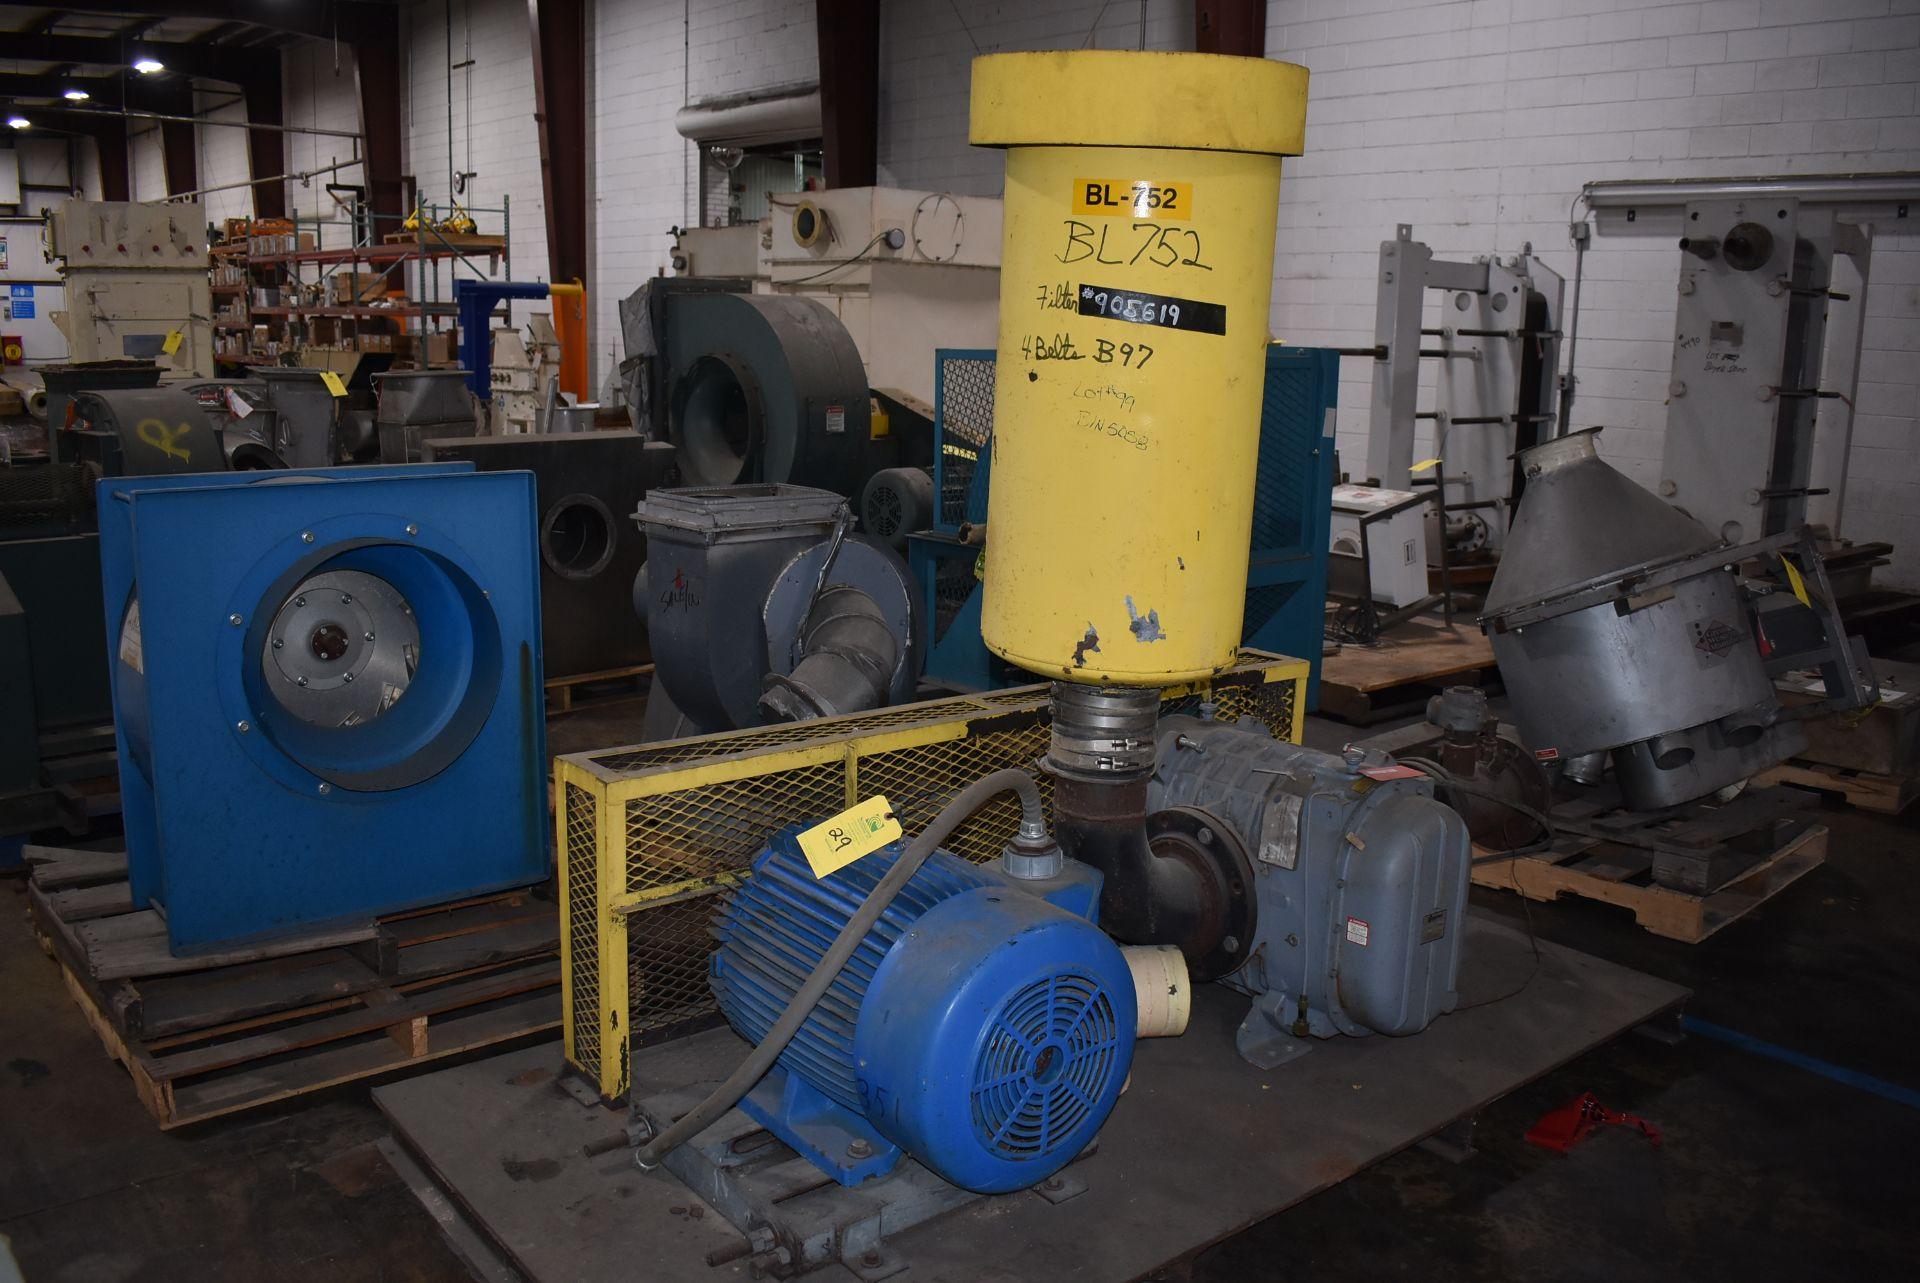 Gardner Denver Dura Flow System Catalog 7012 Vac Pump w/75 HP Motor